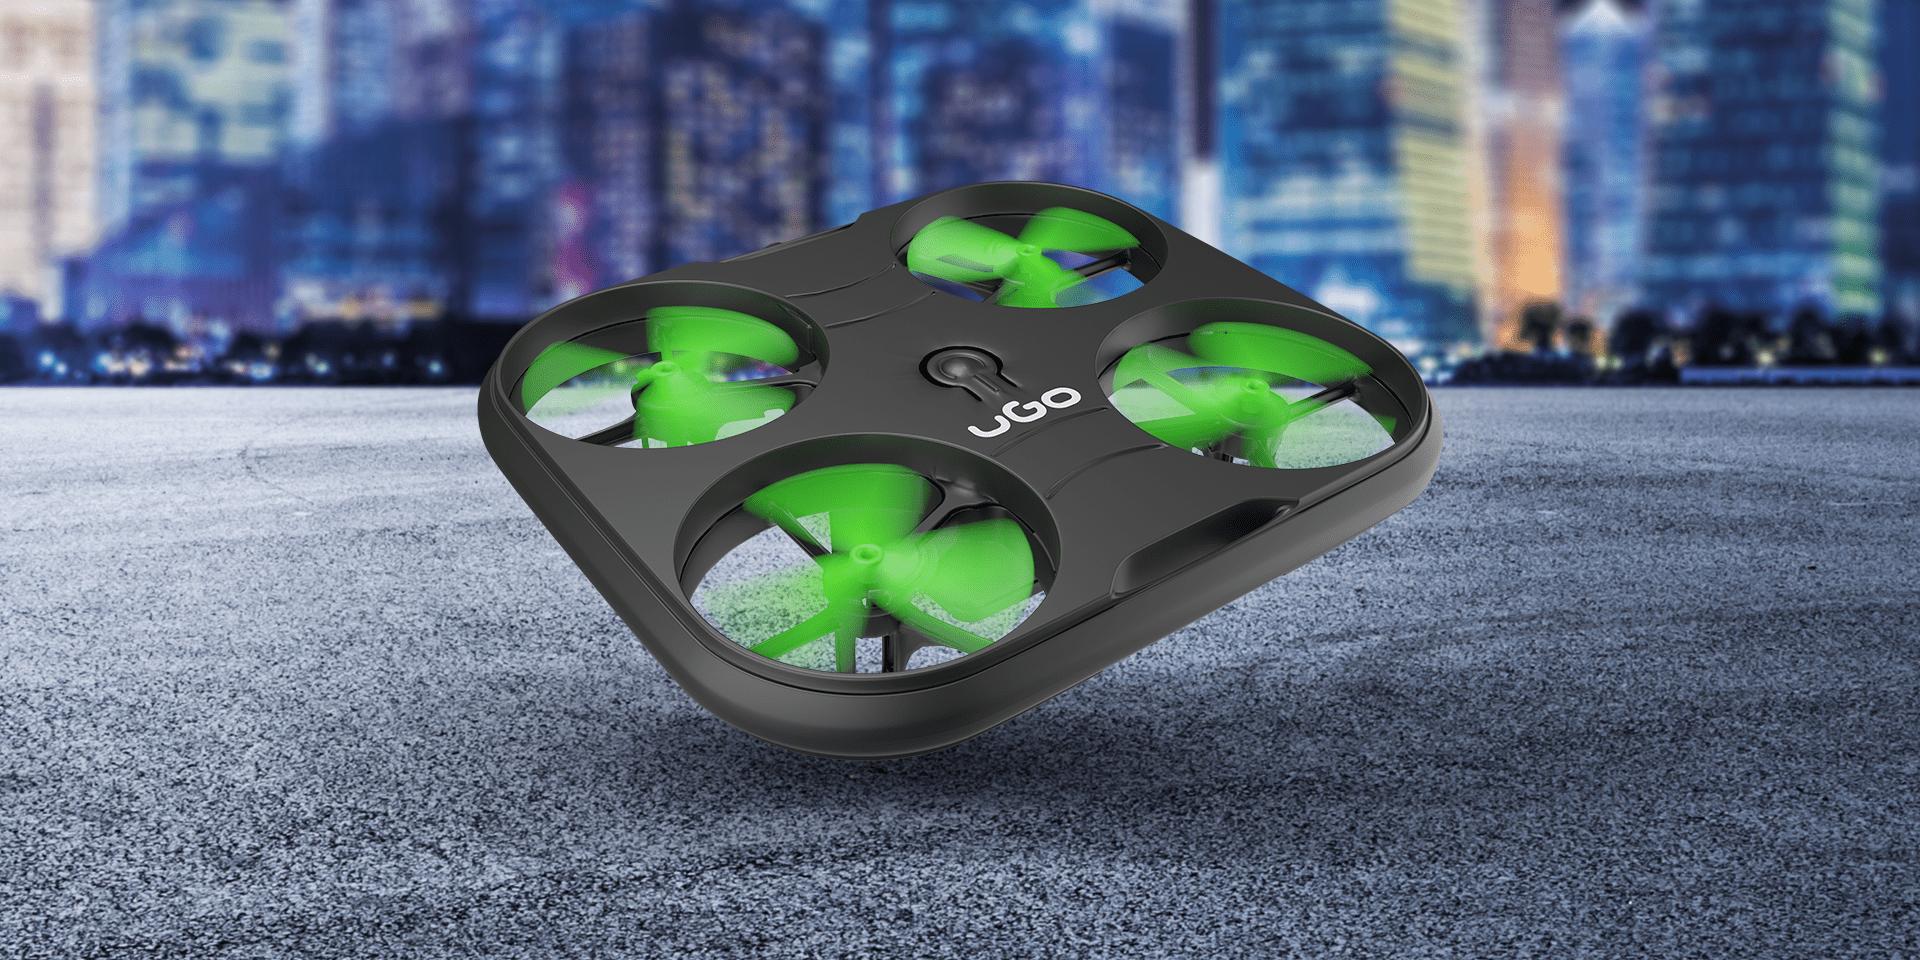 drone ugo zephir 3.0 2